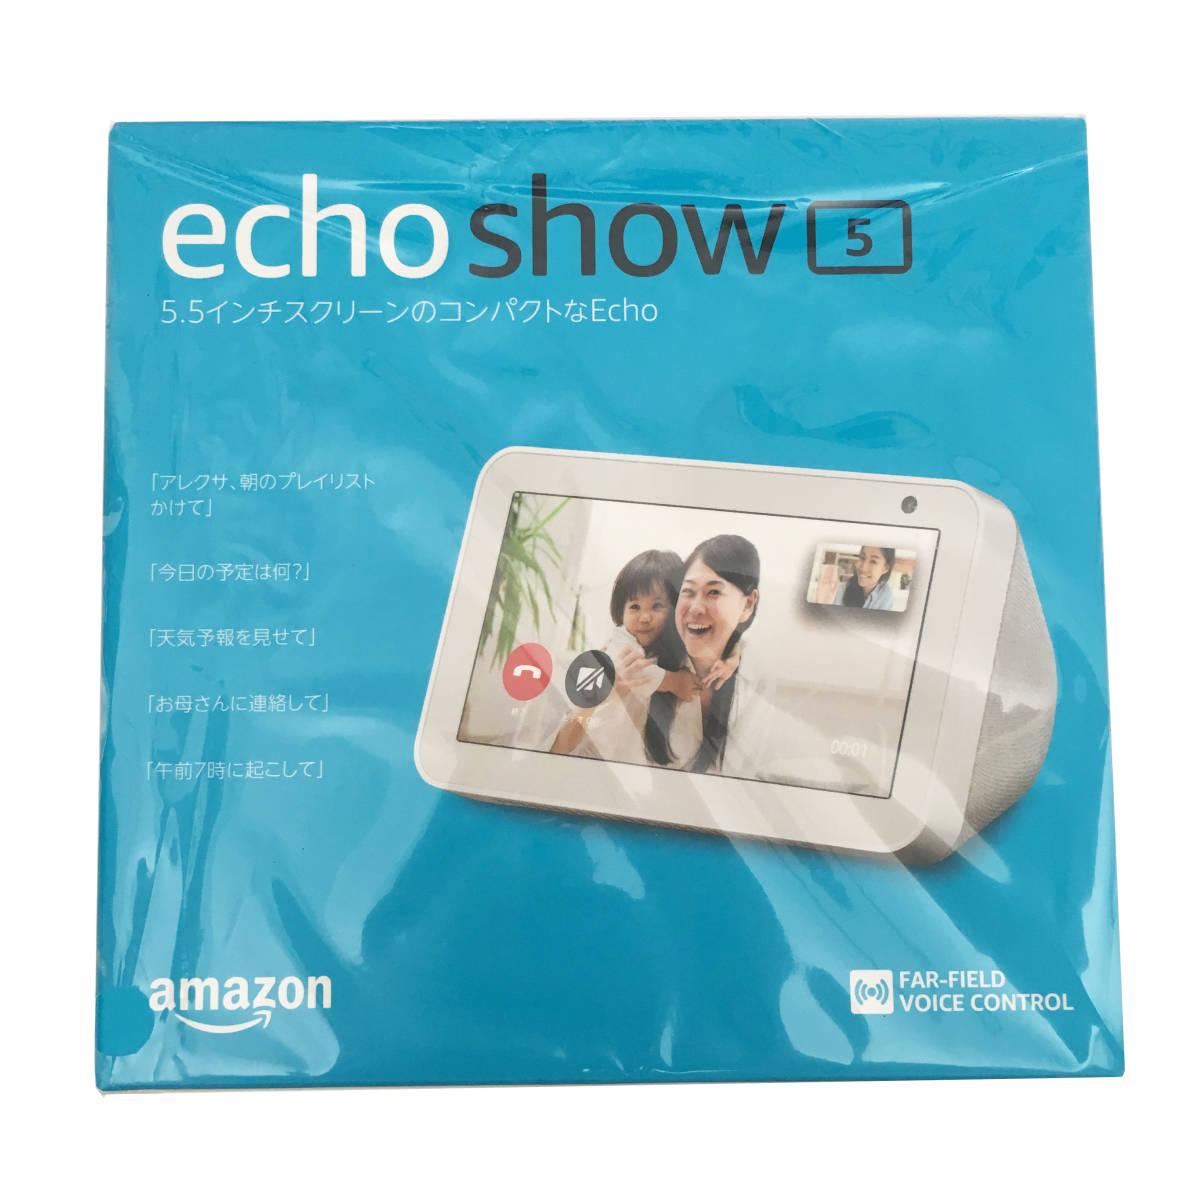 【新品・未開封】 Amazon Echo Show 5 (エコーショー5) スクリーン付きスマートスピーカー with Alexa ホワイト_画像1